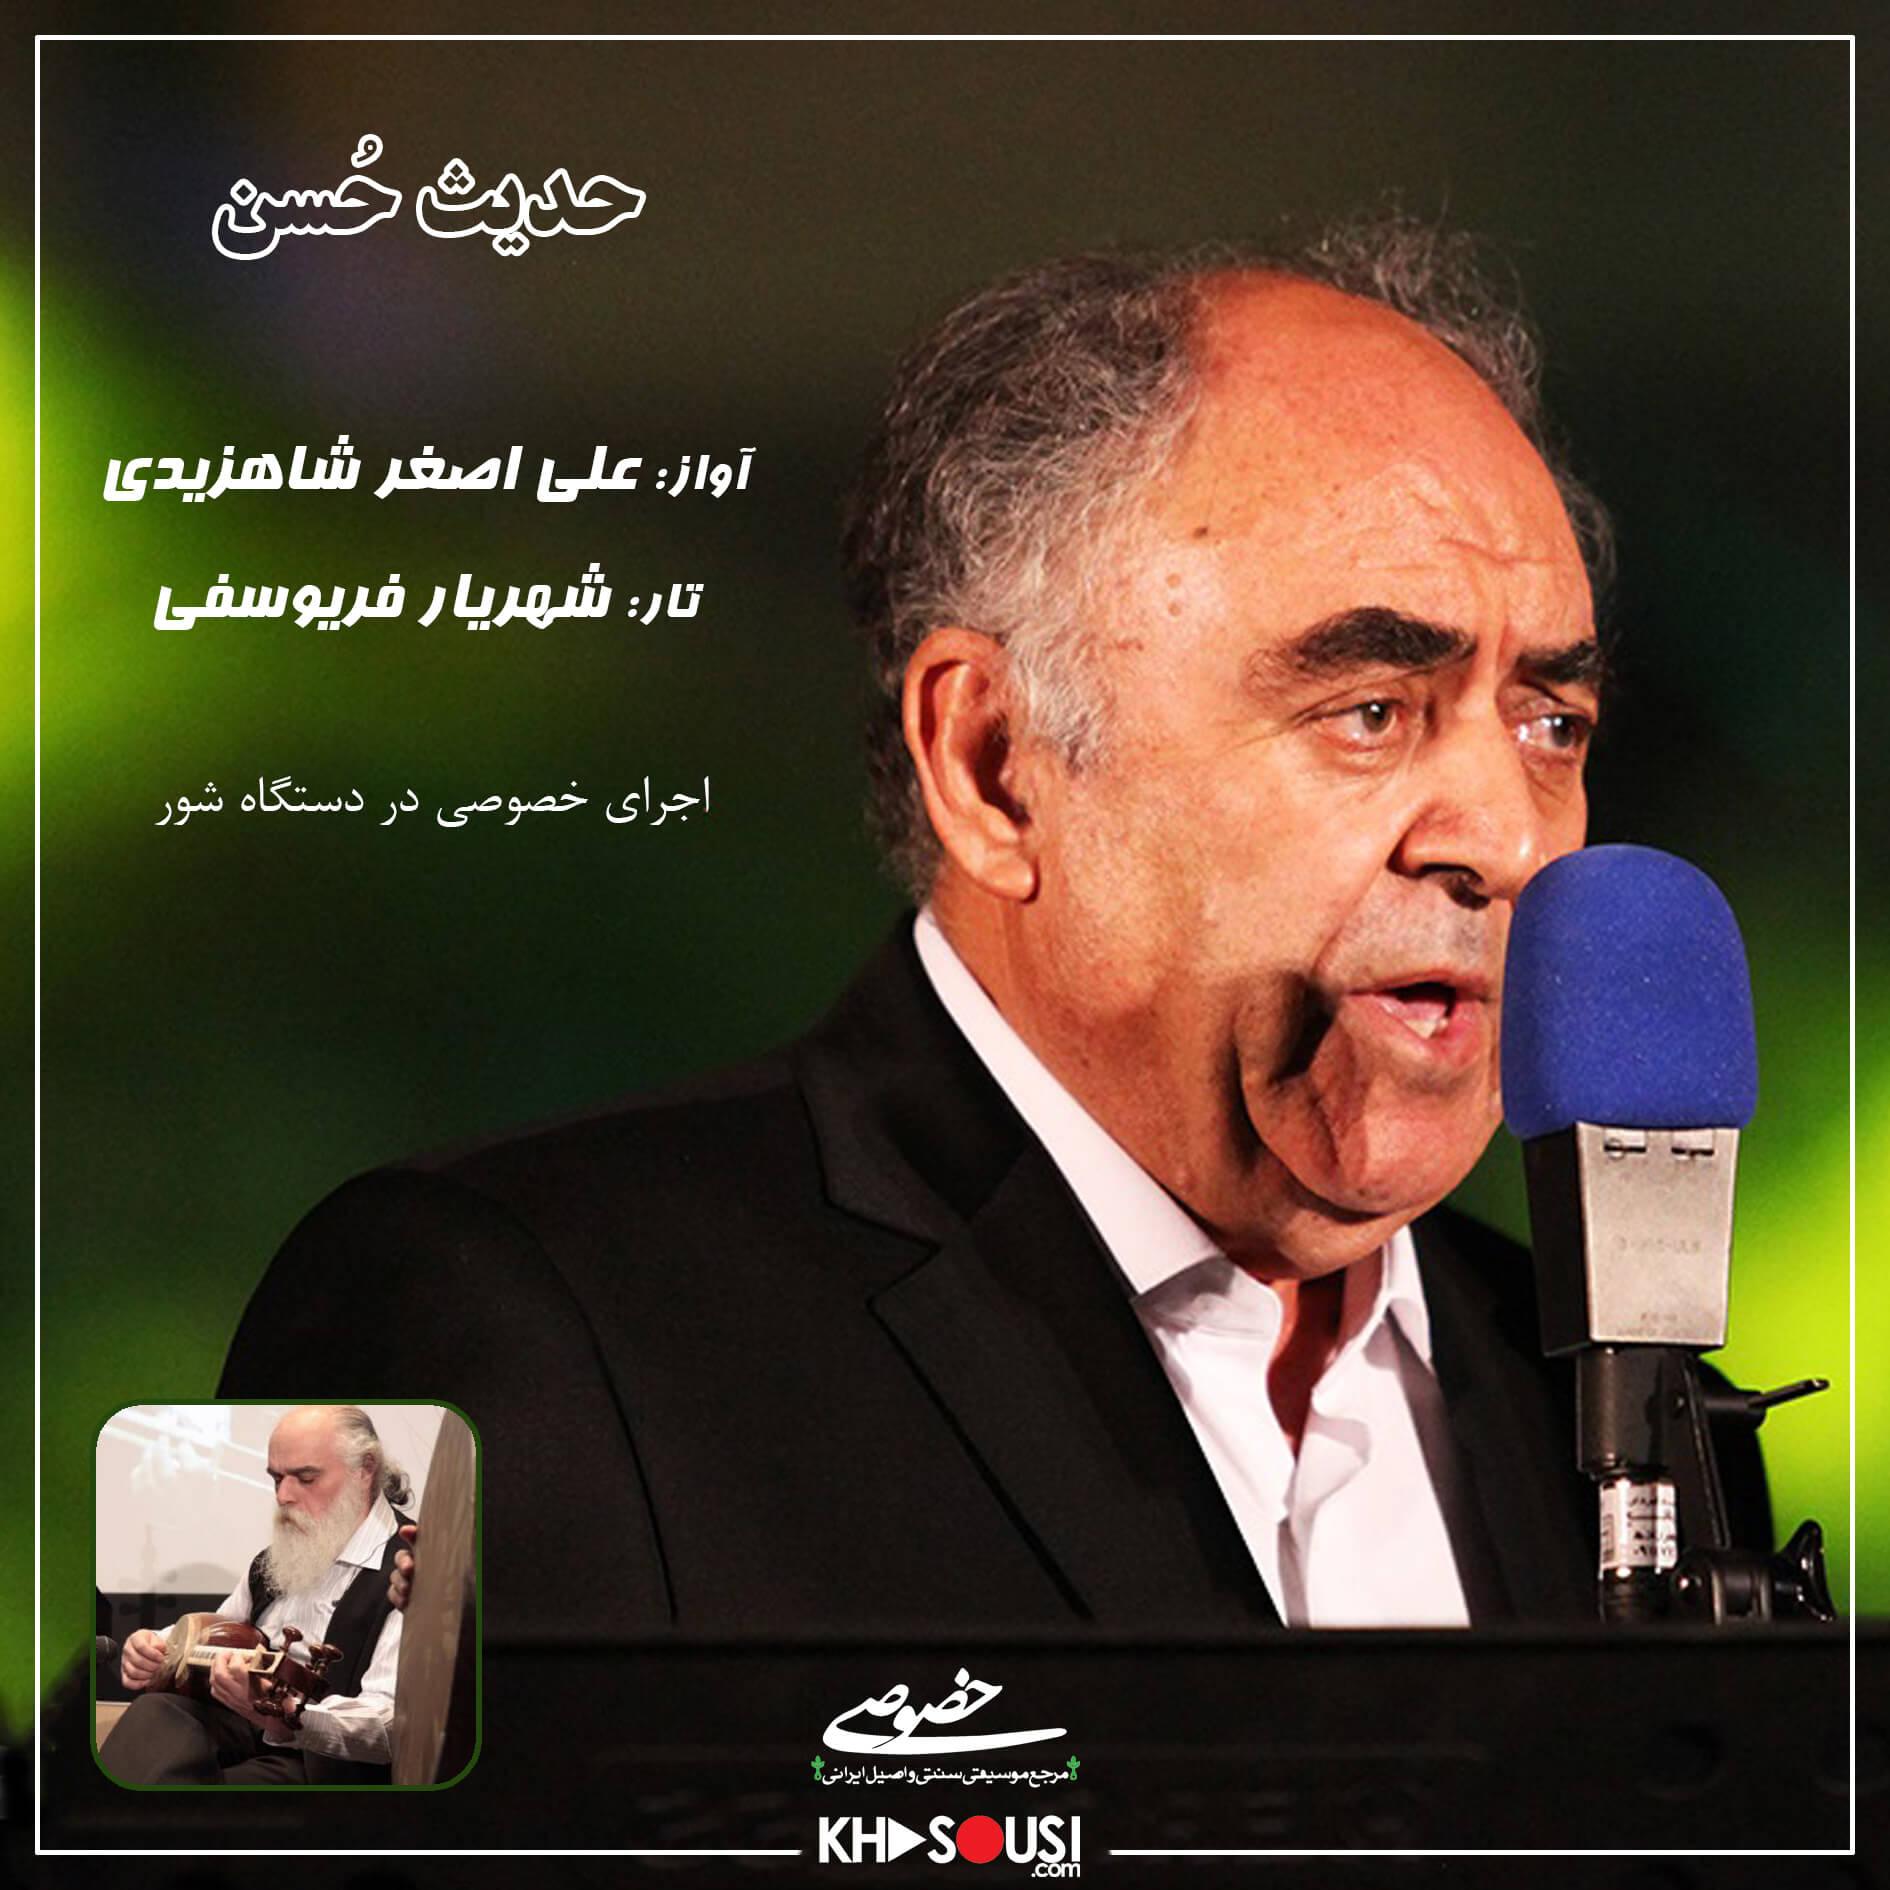 حدیث حُسن - اجرای خصوصی علیاصغر شاهزیدی و شهریار فریوسفی